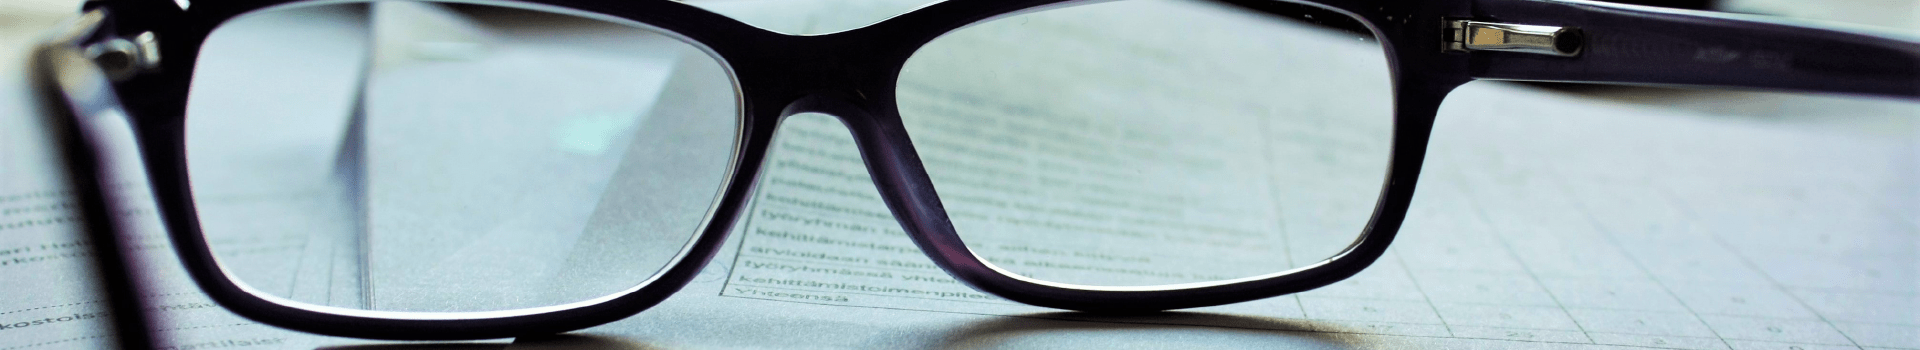 Améliorer la fiabilité des actes notariés